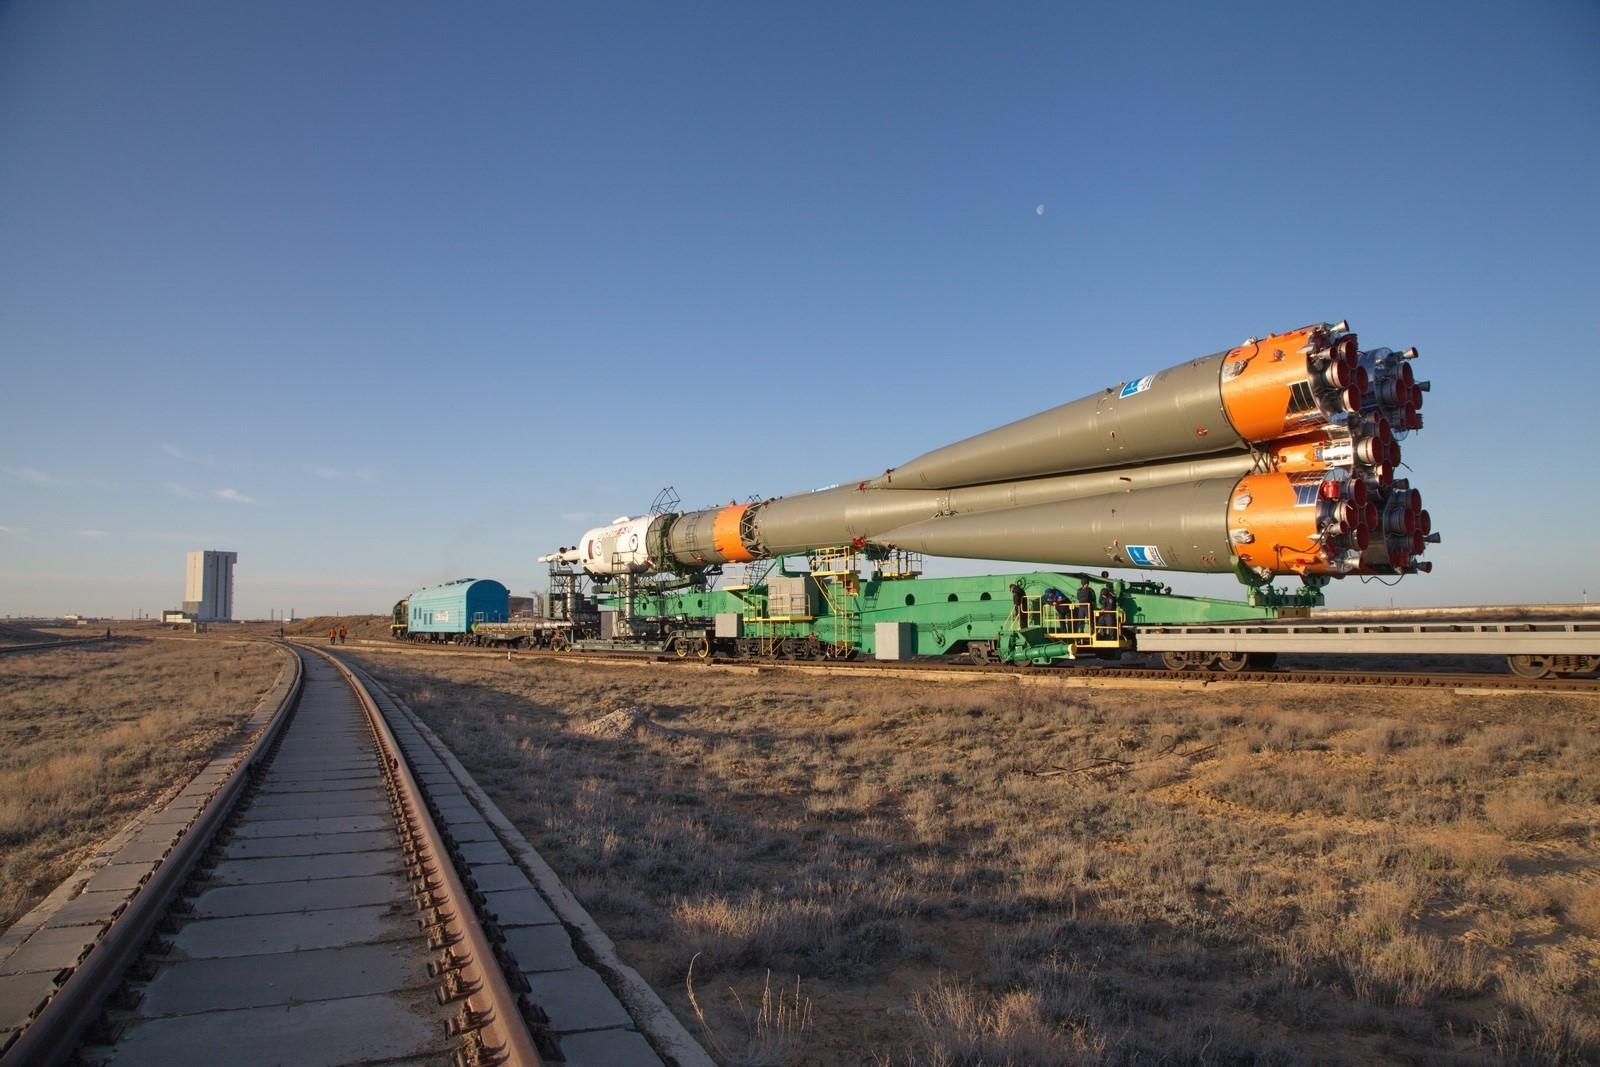 Soyuz-FG / MS-04